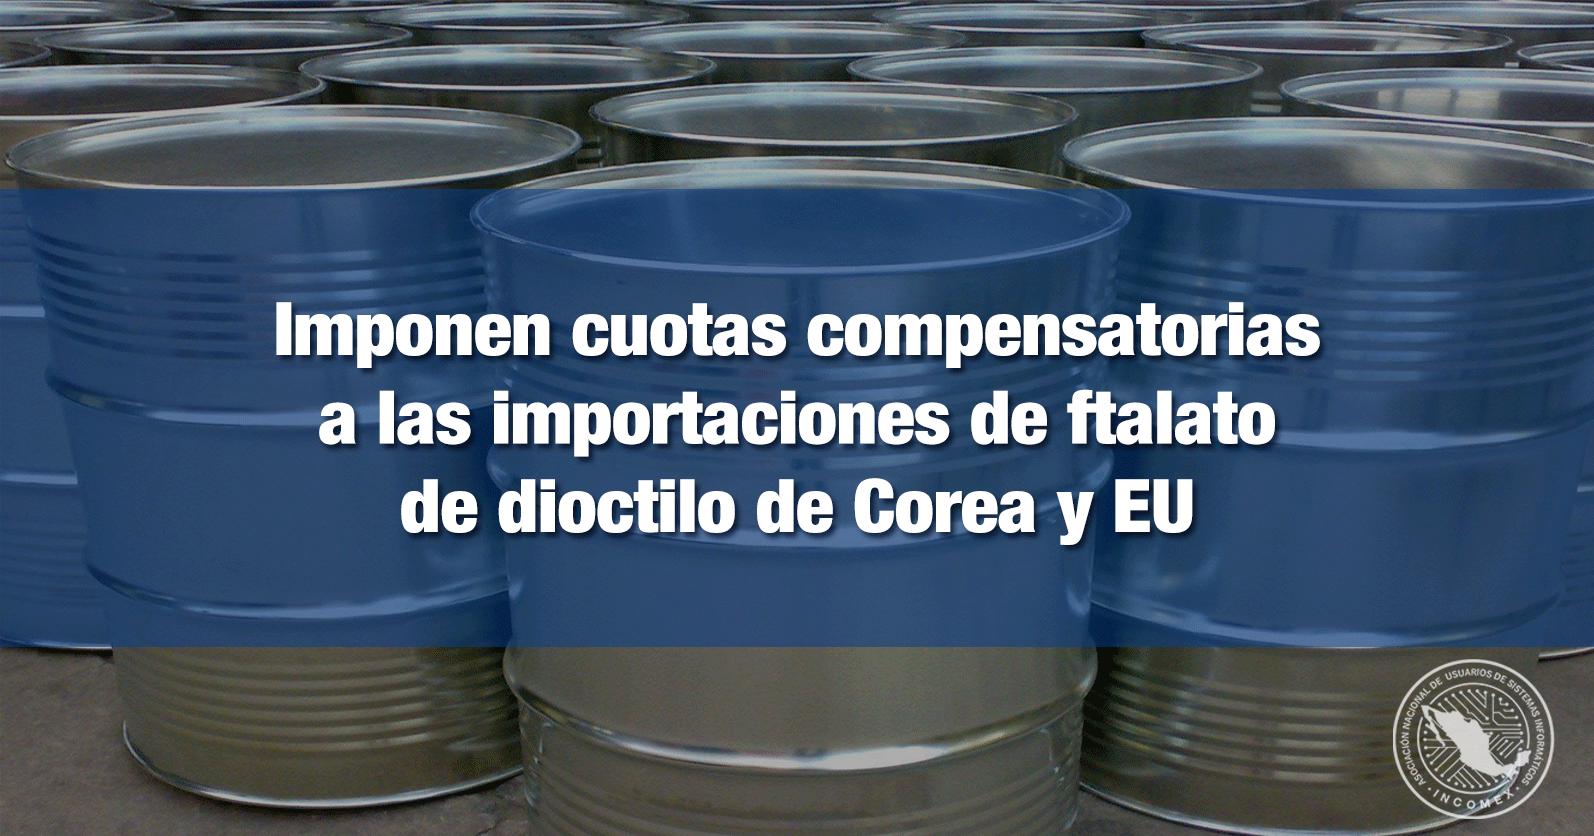 Imponen cuotas compensatorias a las importaciones de ftalato de dioctilo de Corea y EU